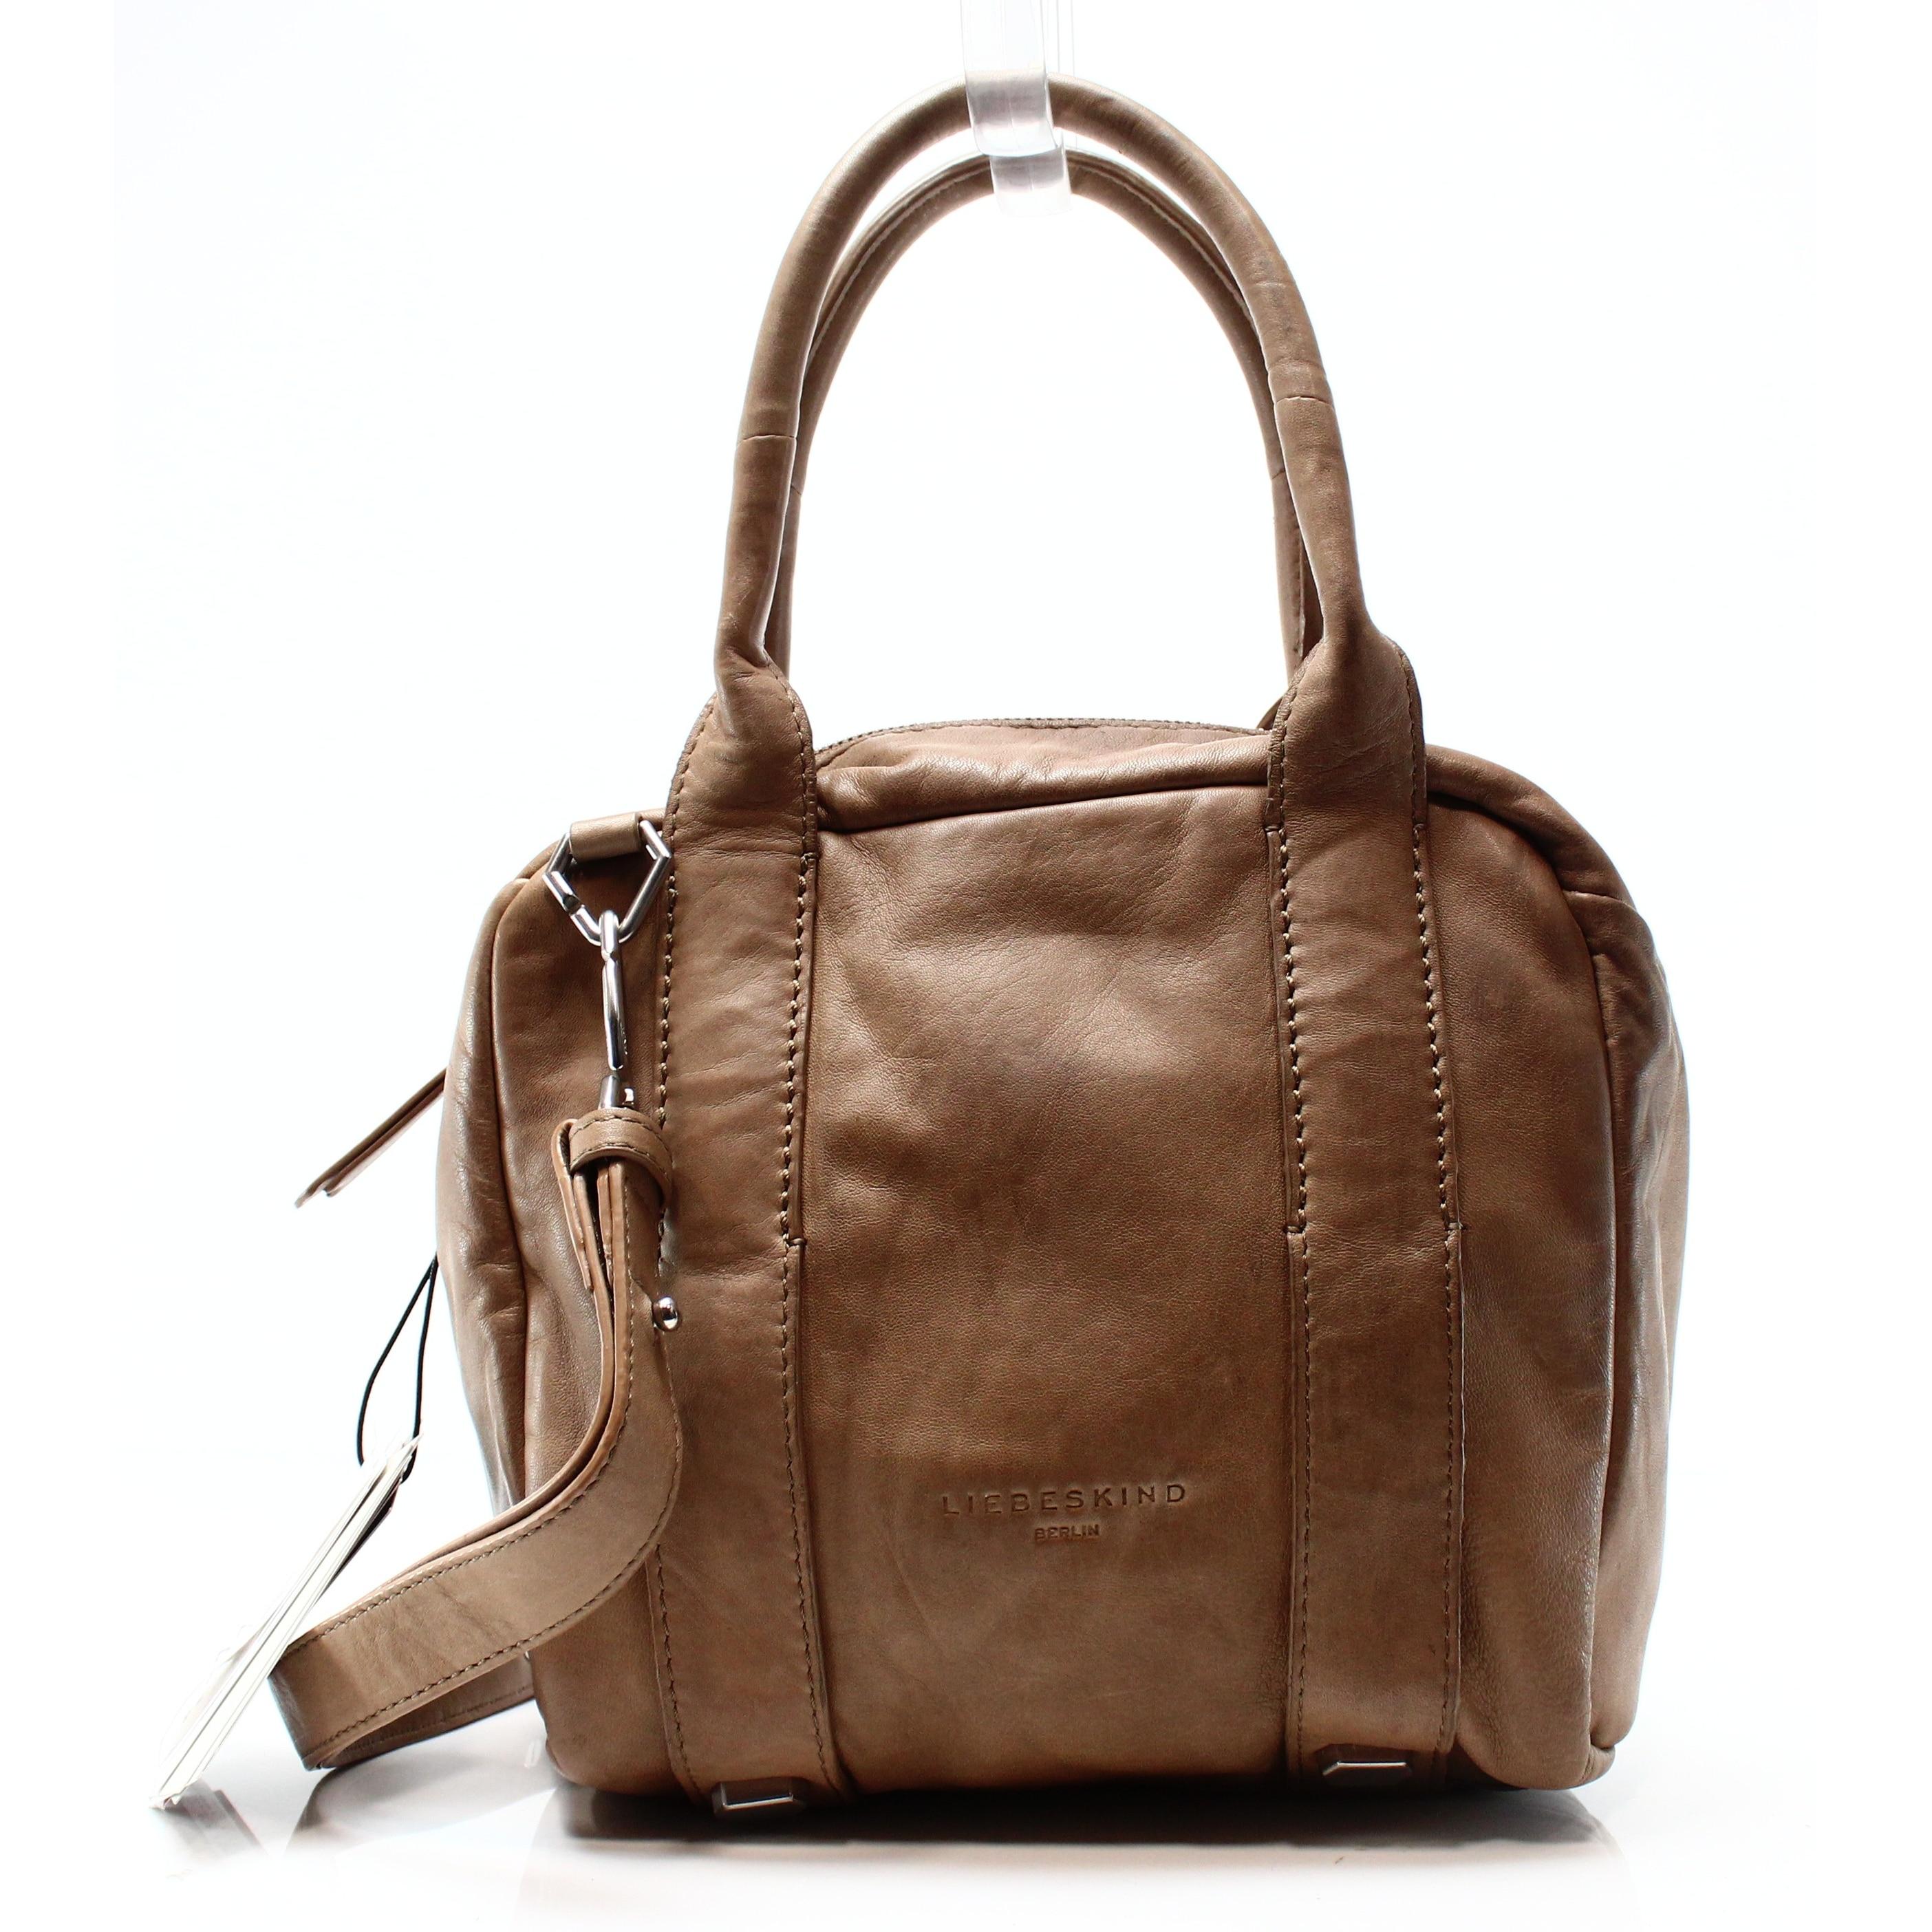 heiß-verkaufende Mode online zu verkaufen Farbbrillanz LIEBESKIND NEW Brown Sheep Leather Zip Top Medium Satchel Bag Purse